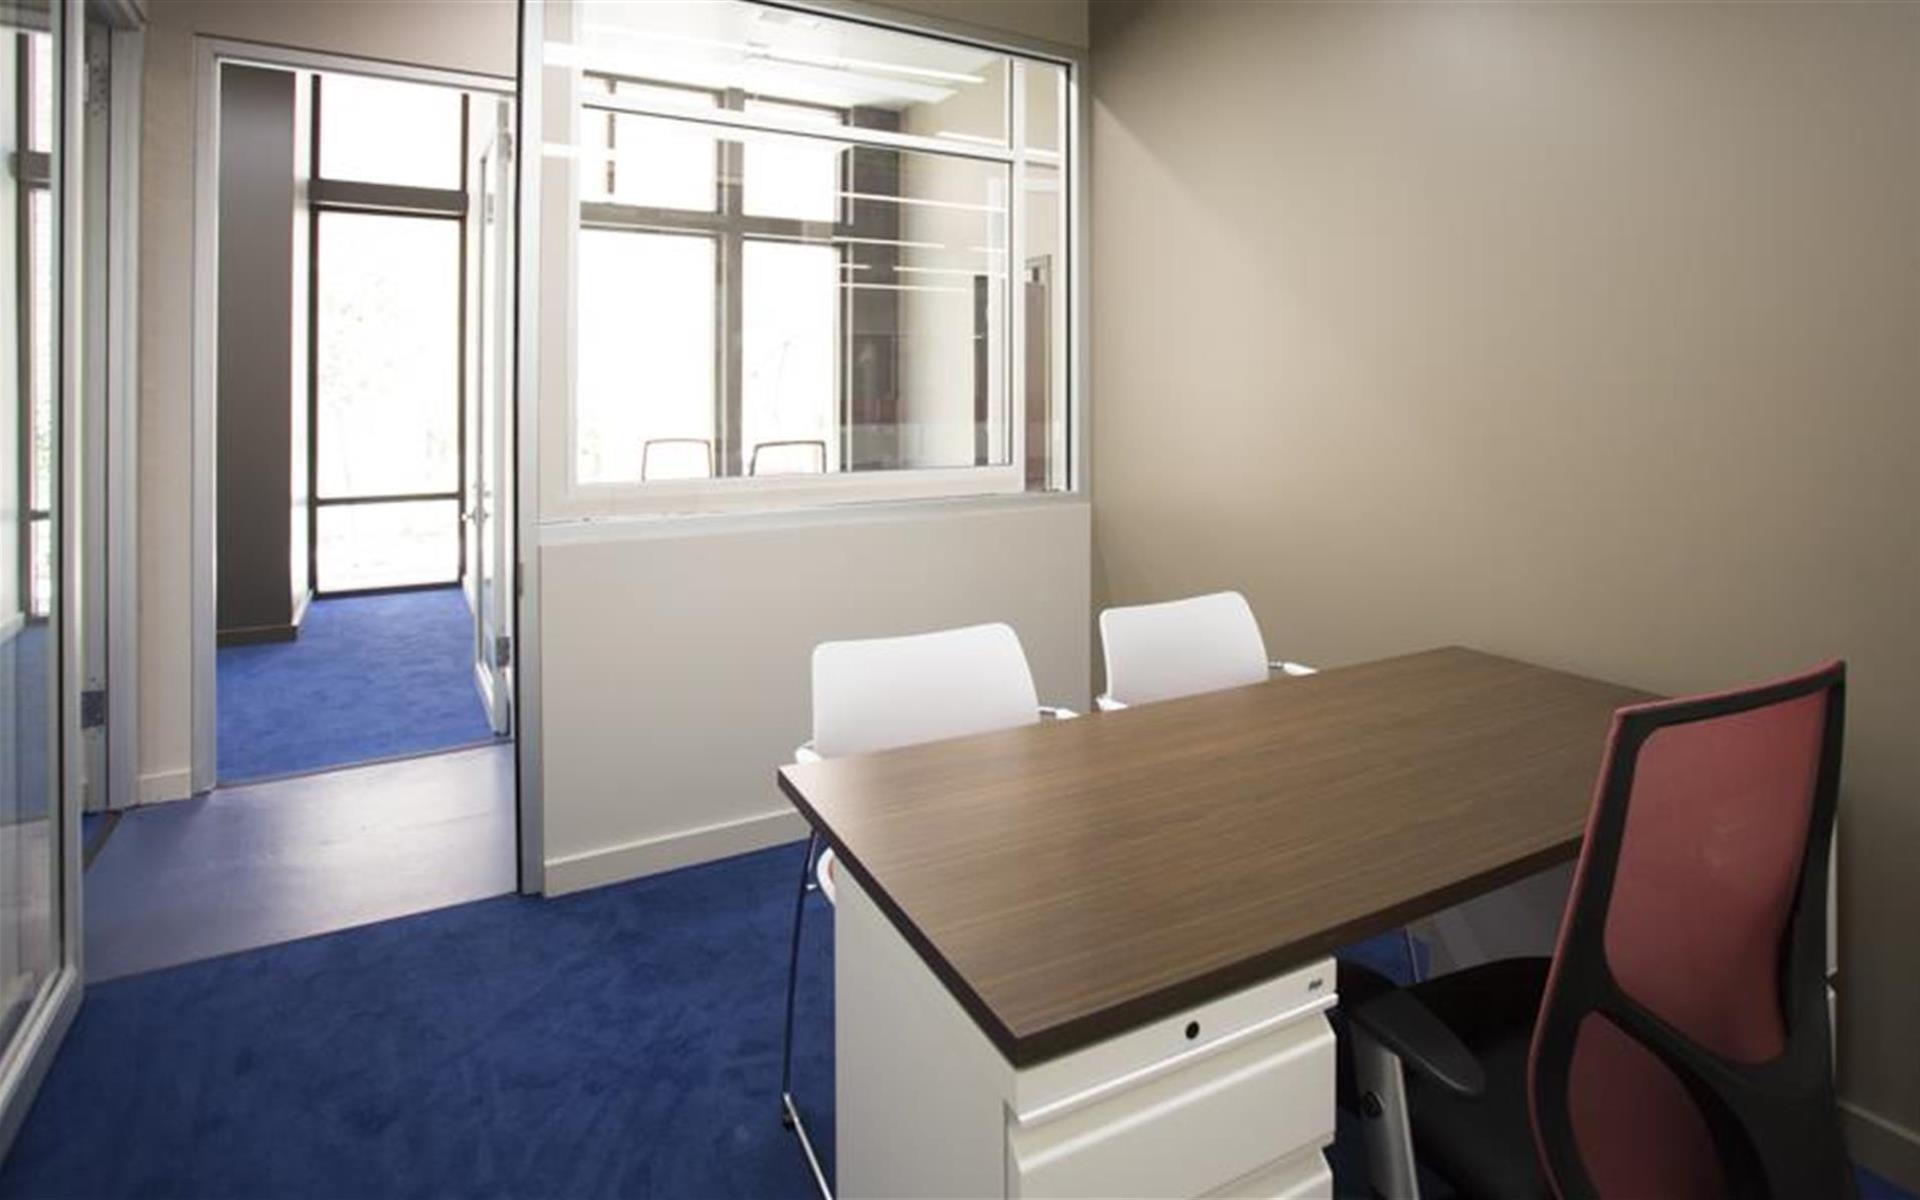 BLANKSPACES Pasadena - 1-3 Person Office